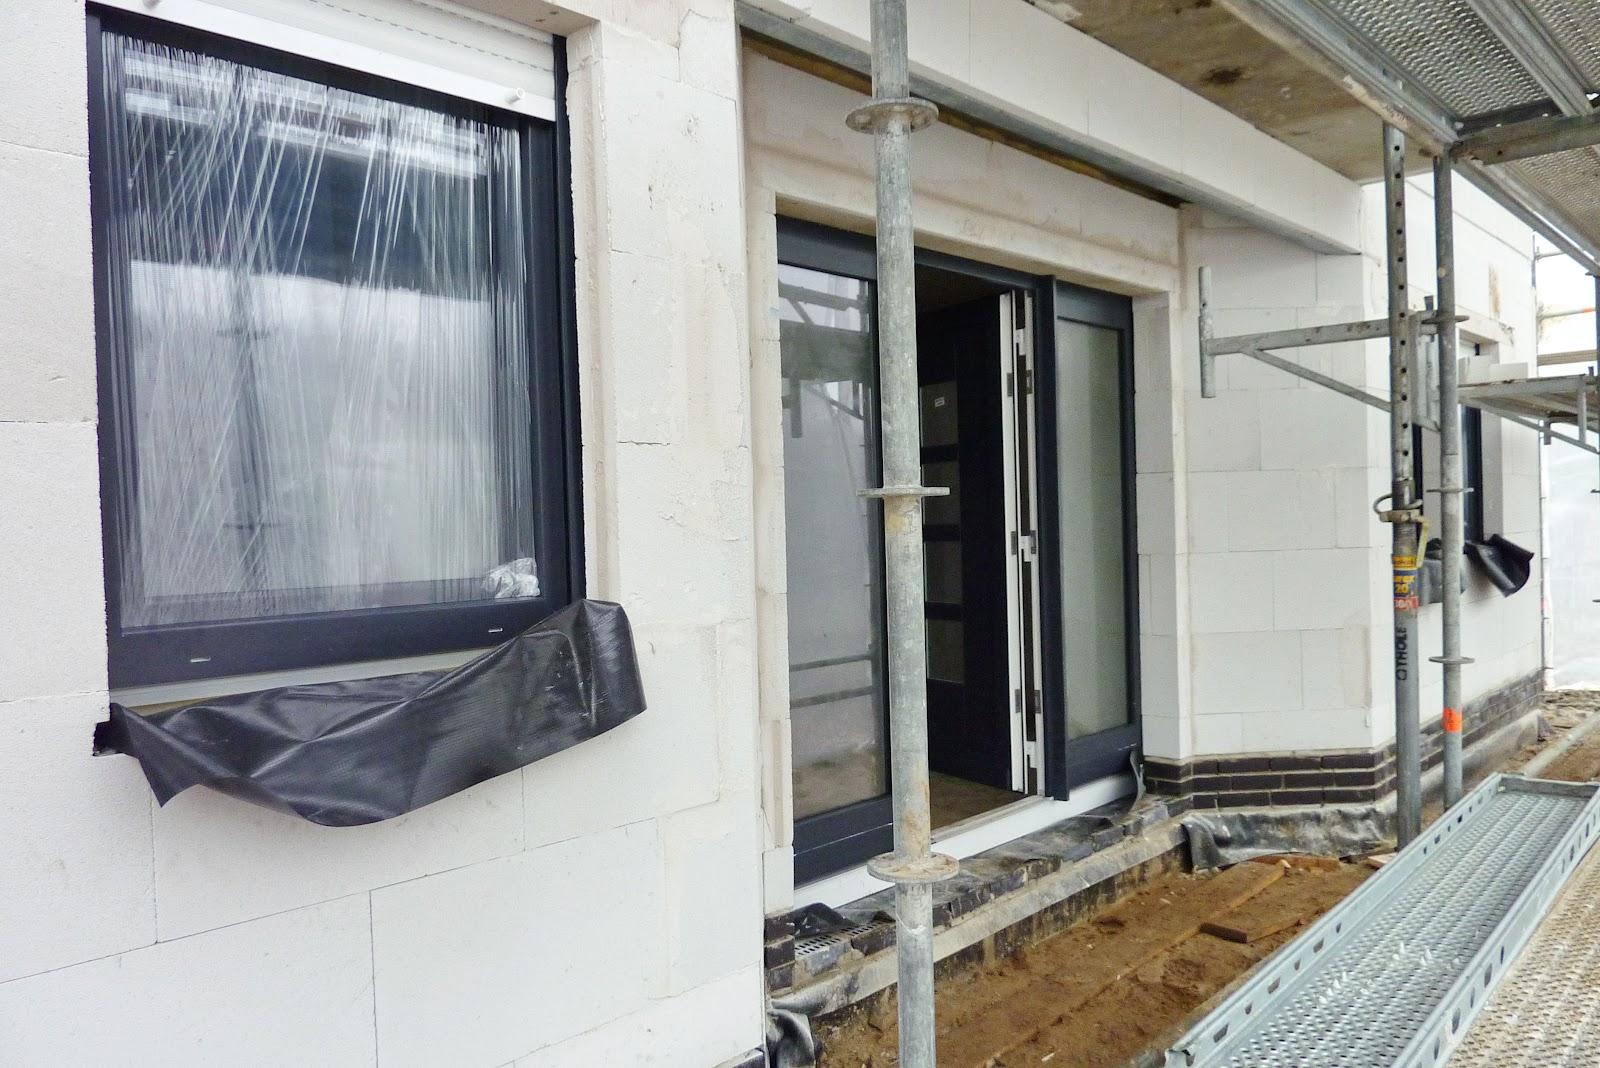 Bautagebuch zu unserem traumhaus jette joop europe unlimited von viebrockhaus hurra hurra - Fenster innen weiay auayen anthrazit ...